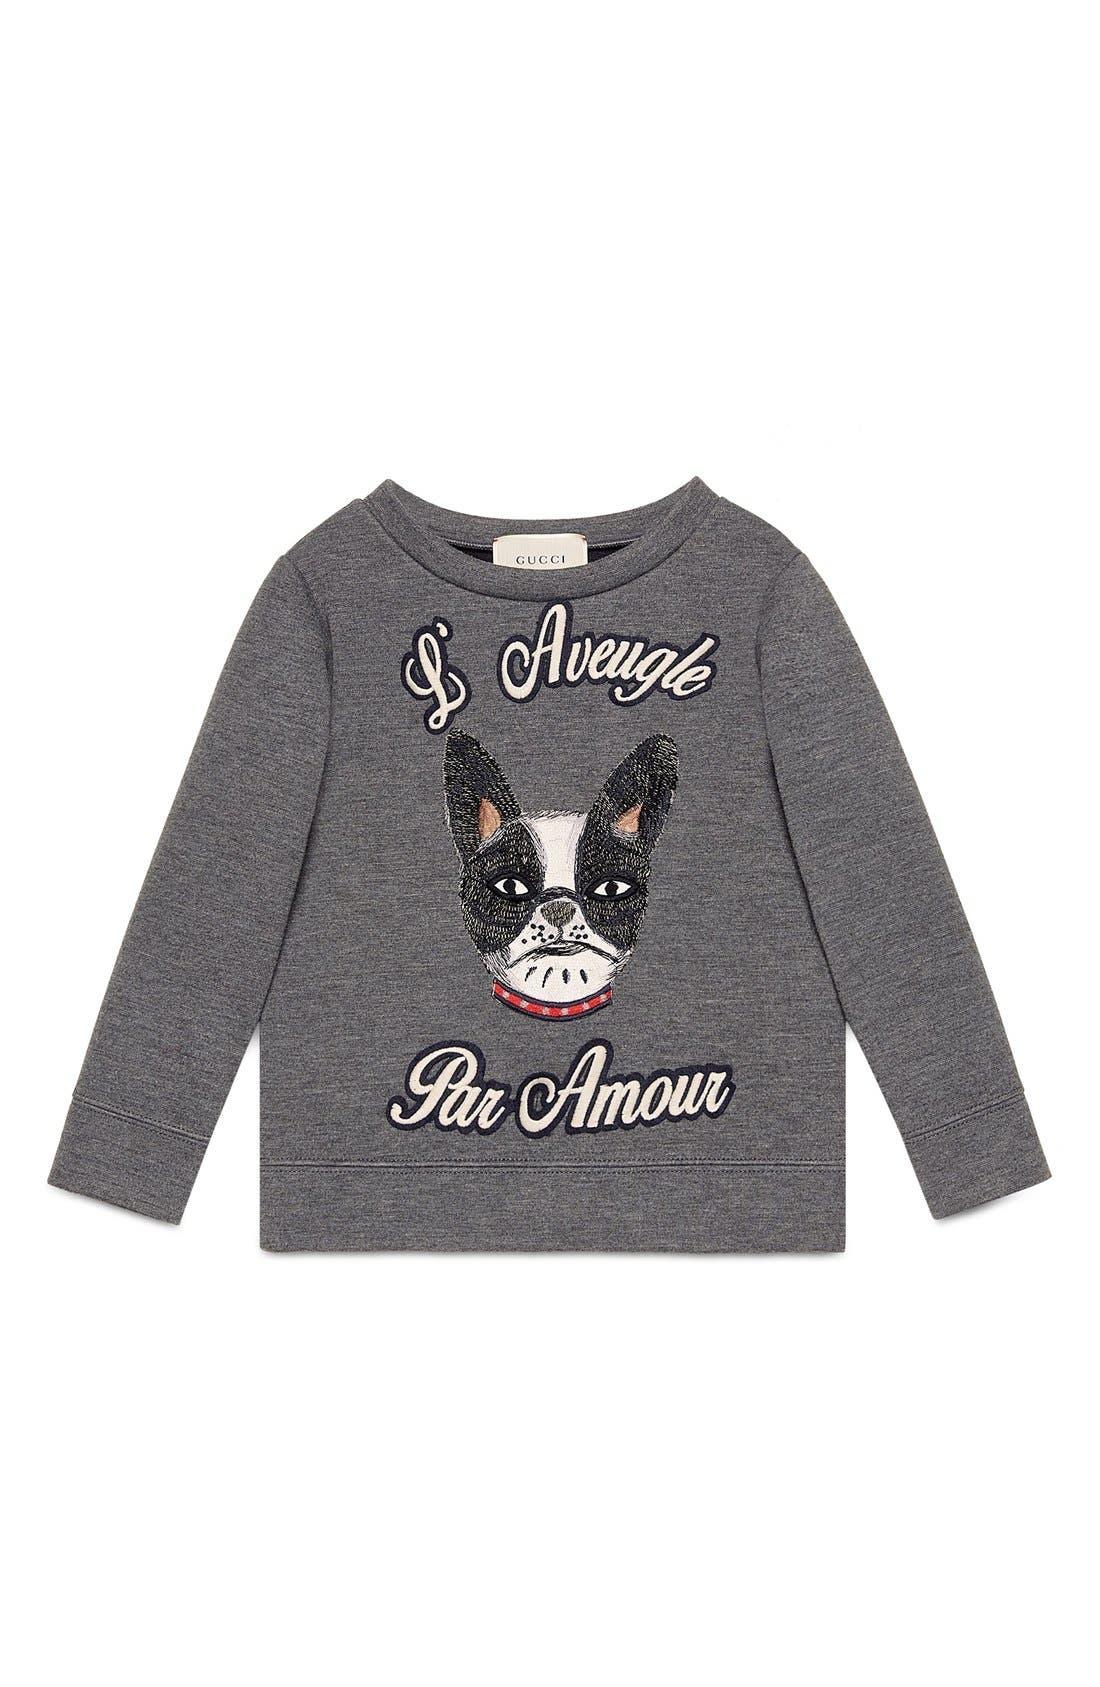 GUCCI 'L'Aveugle Par Amour' Puppy Appliqué Sweatshirt